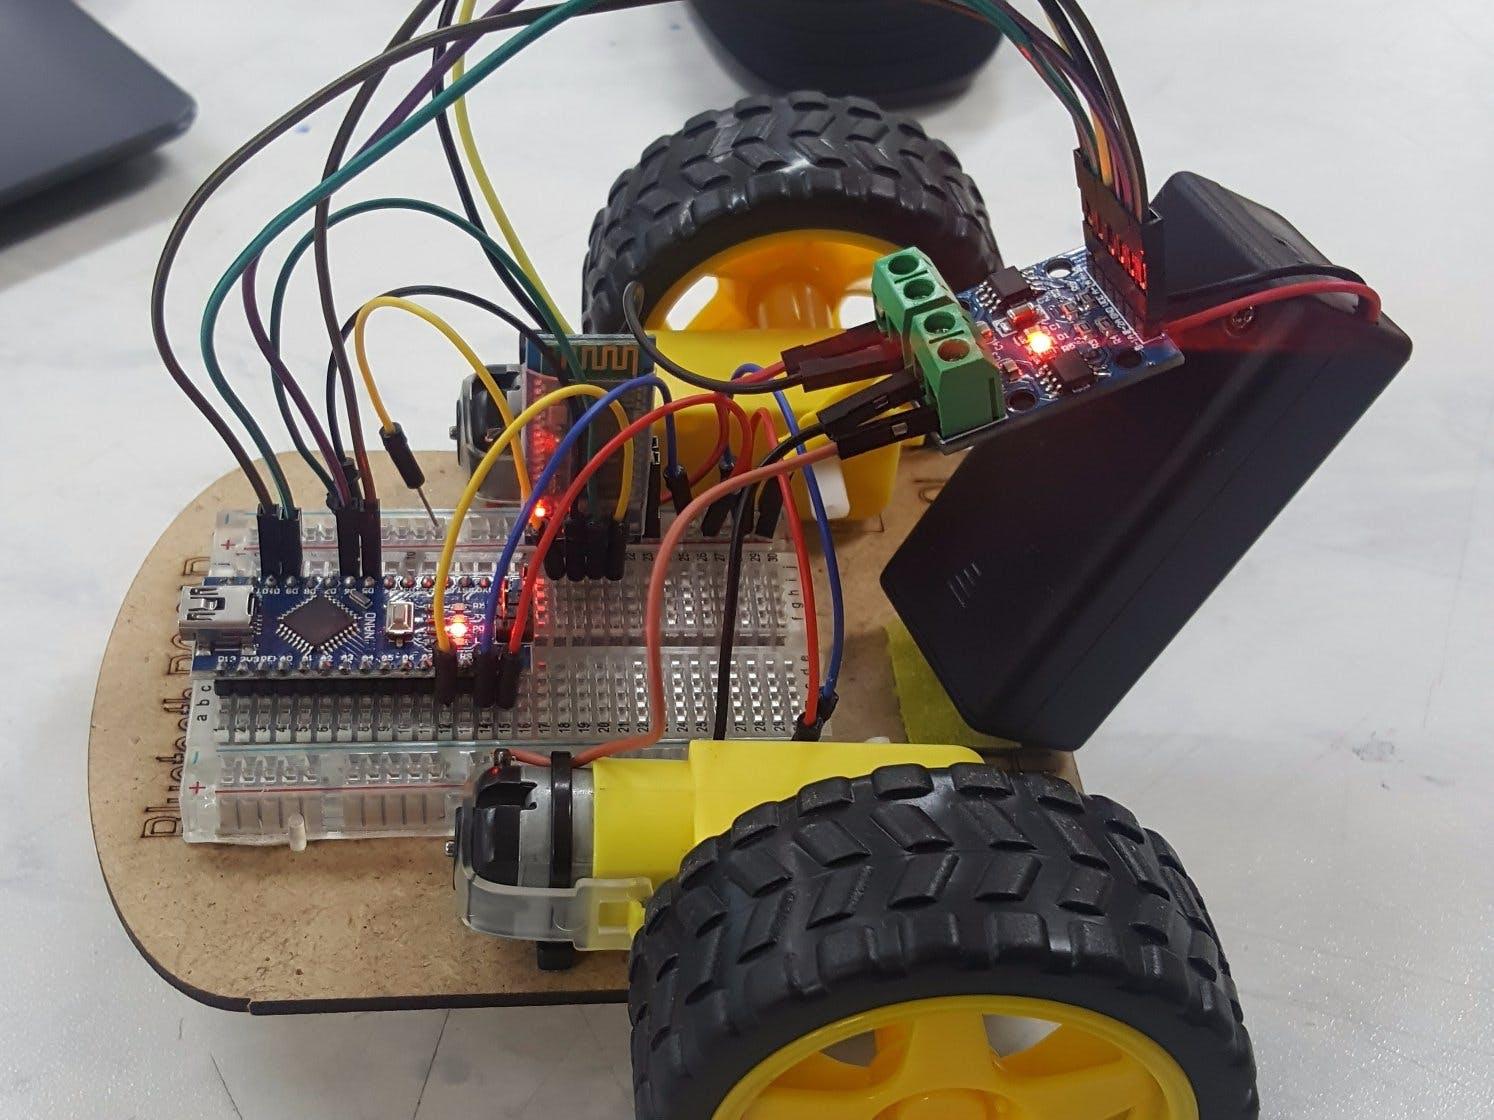 Making an RC Car